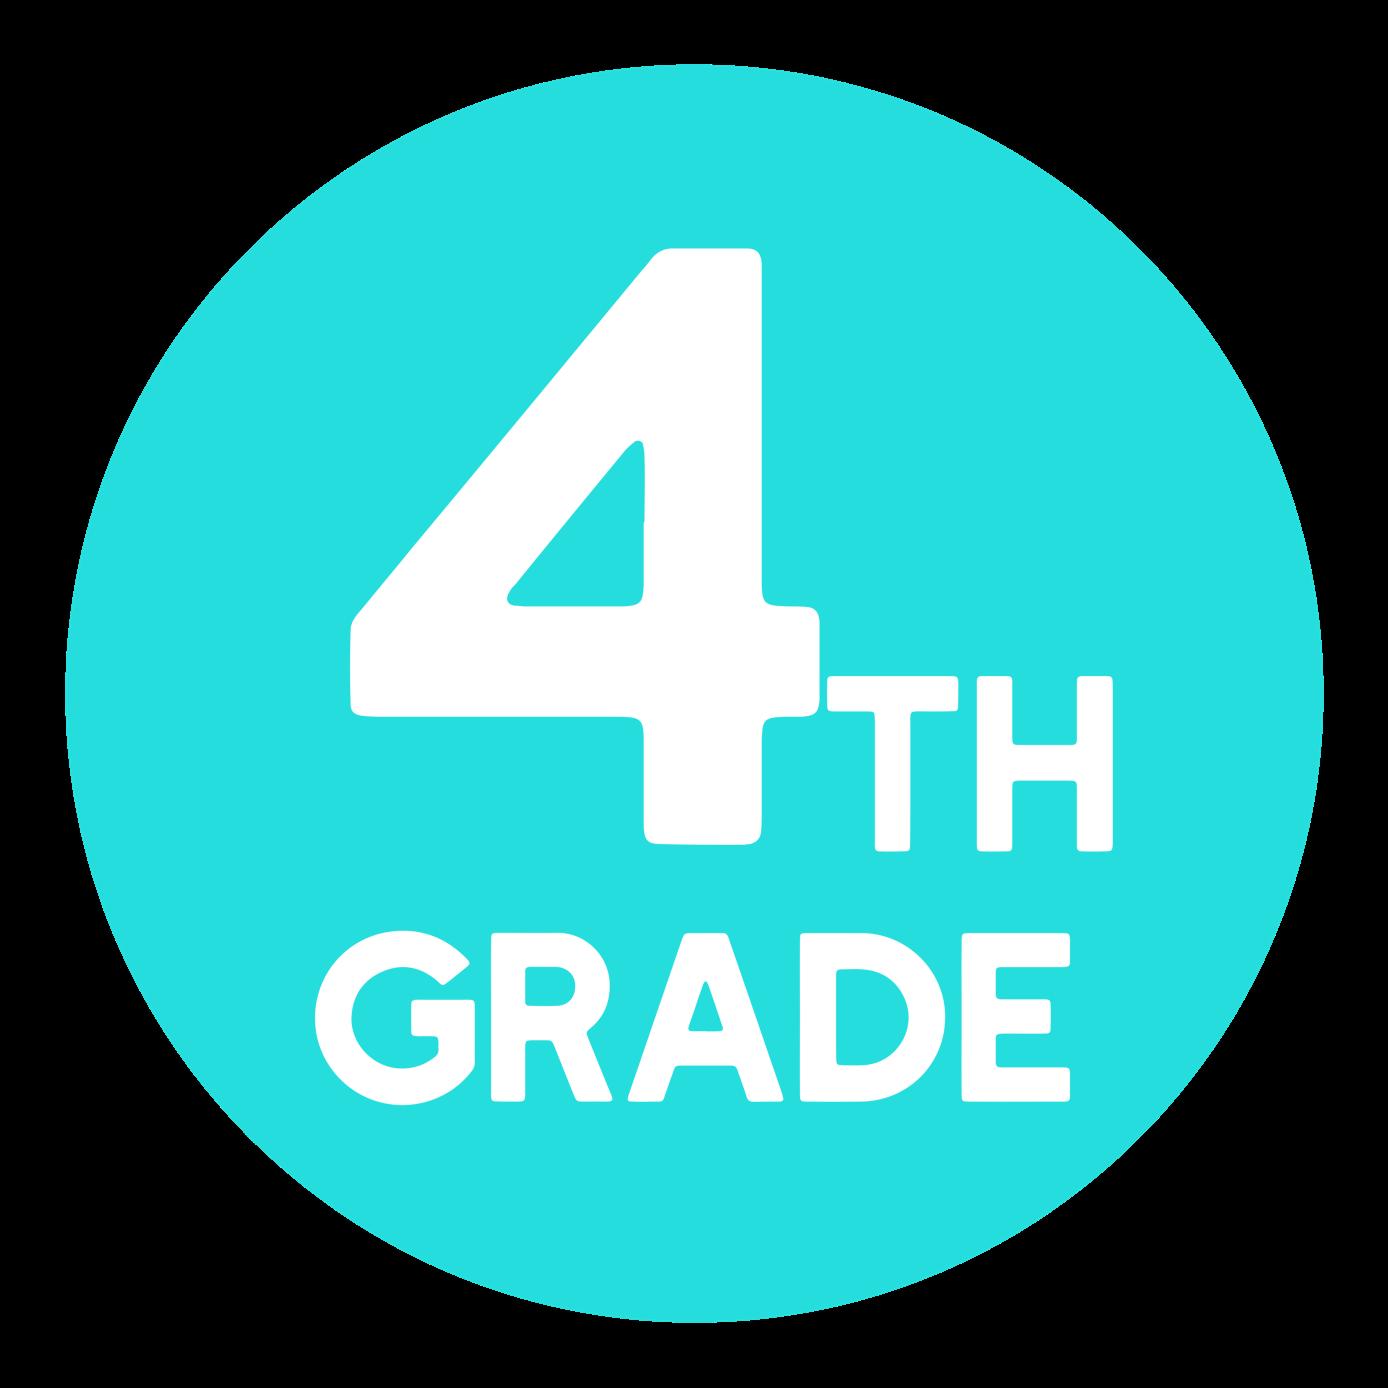 - Free 4th Grade Math Worksheets — Mashup Math